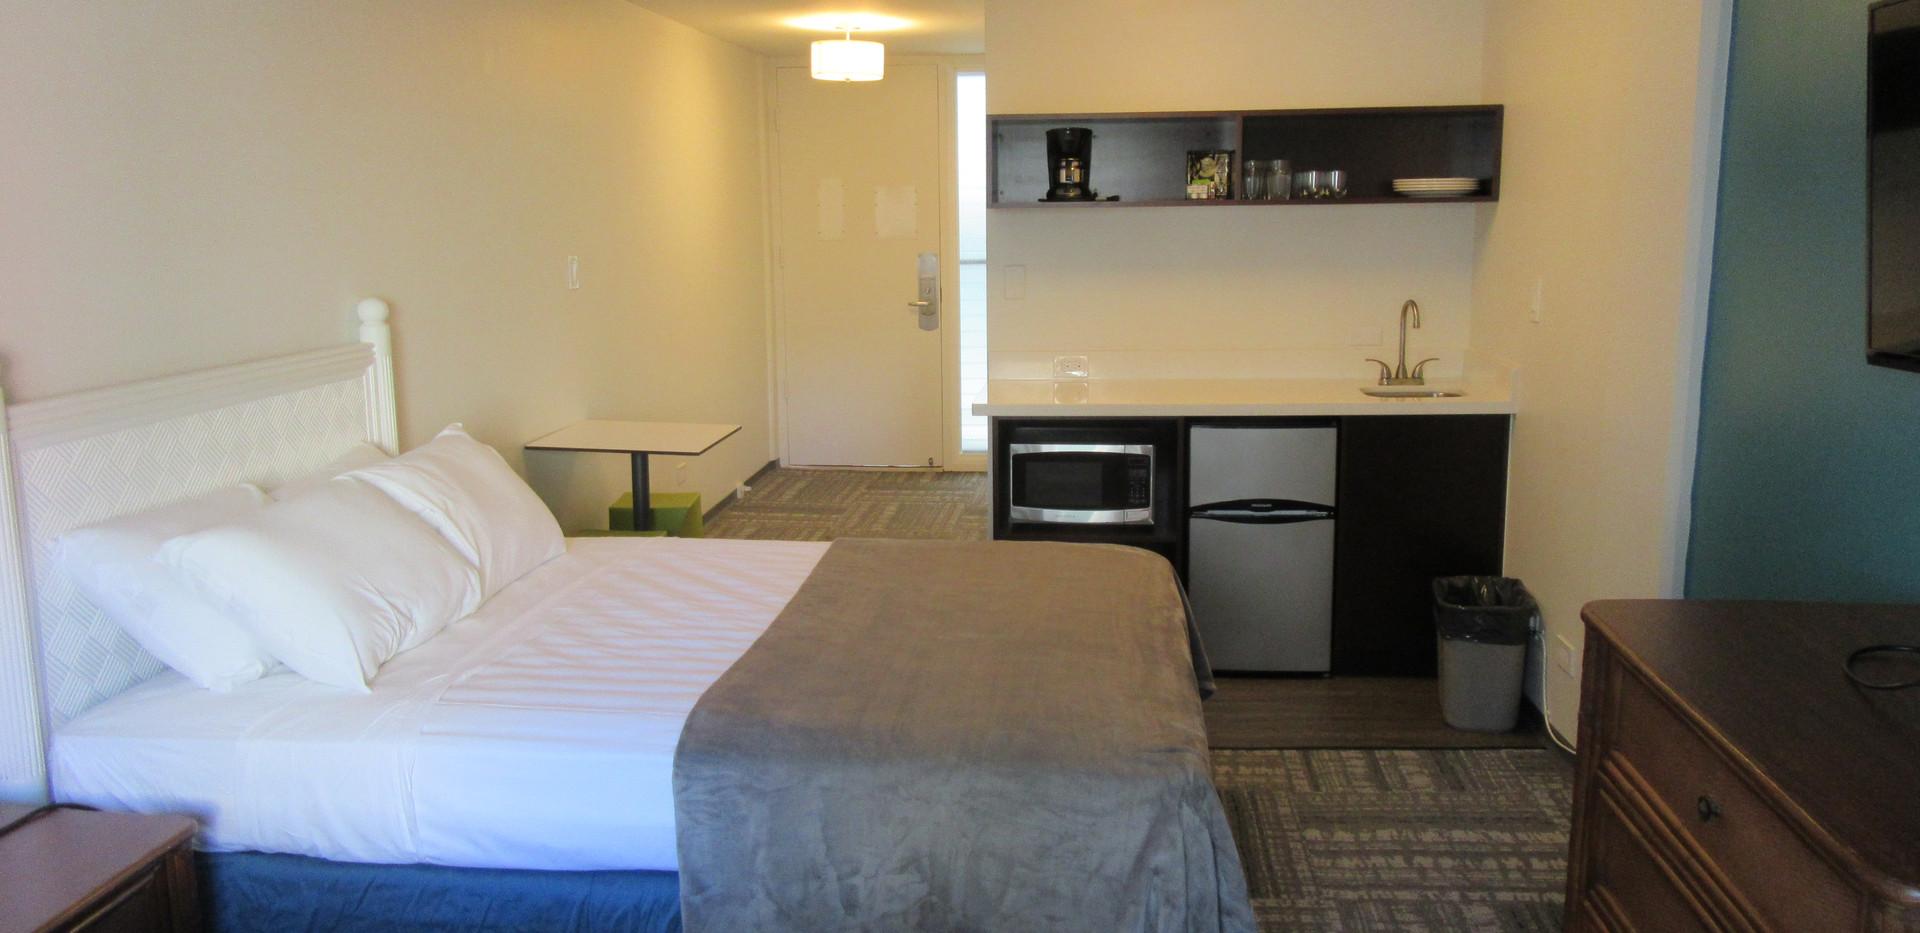 Standard Two Queen Room (2)